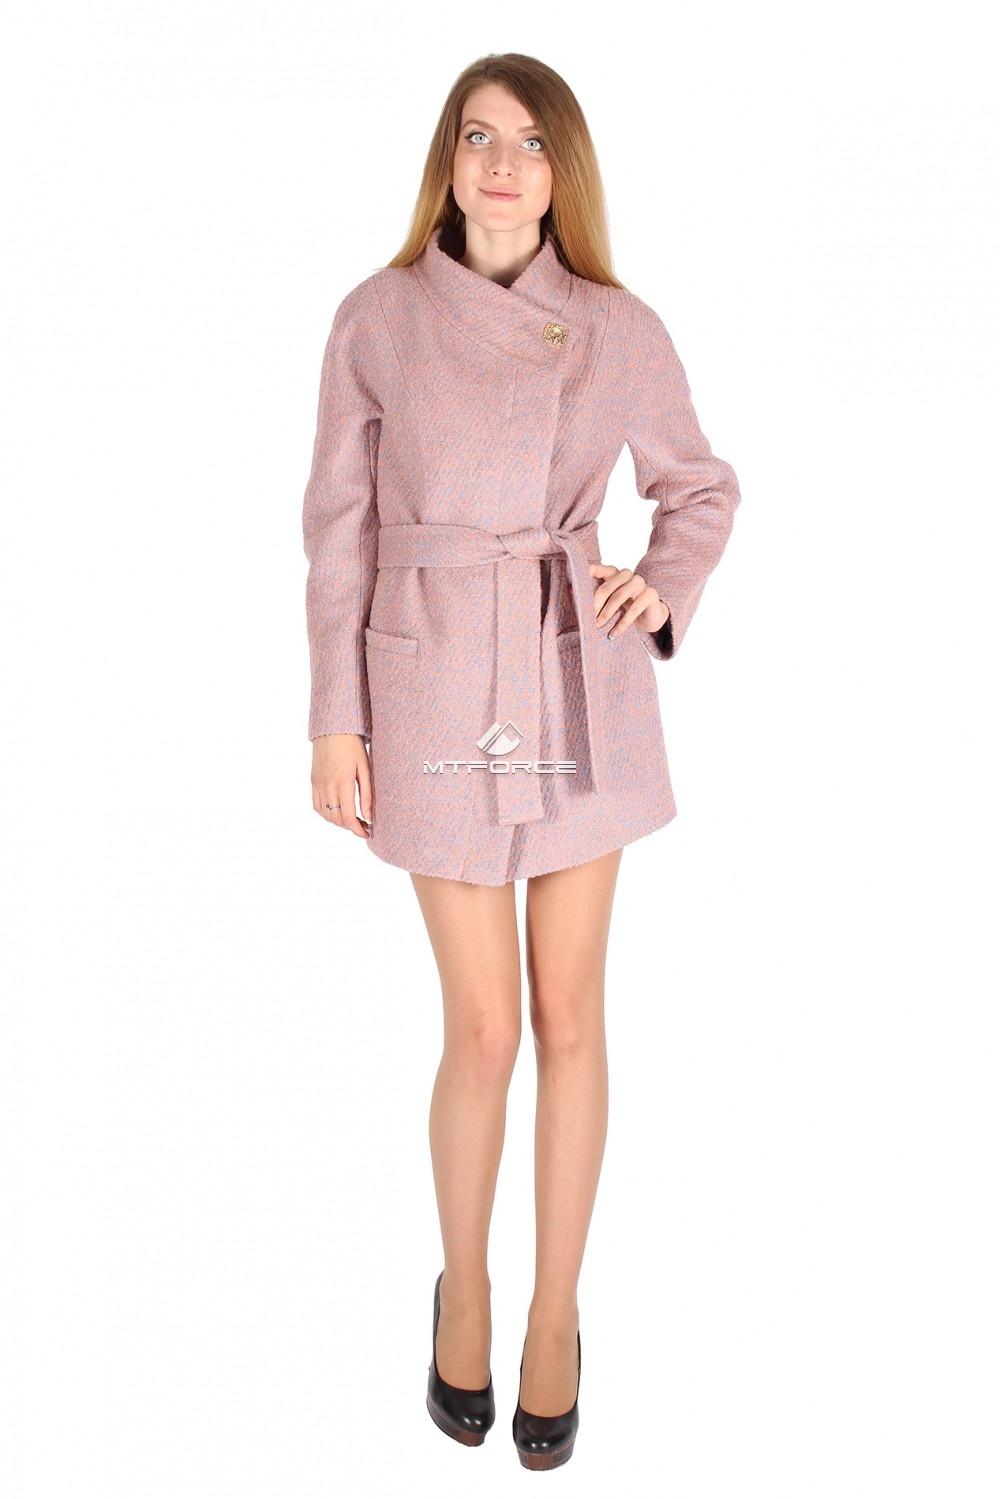 Купить                                  оптом Полупальто женское розового цвета 16309R